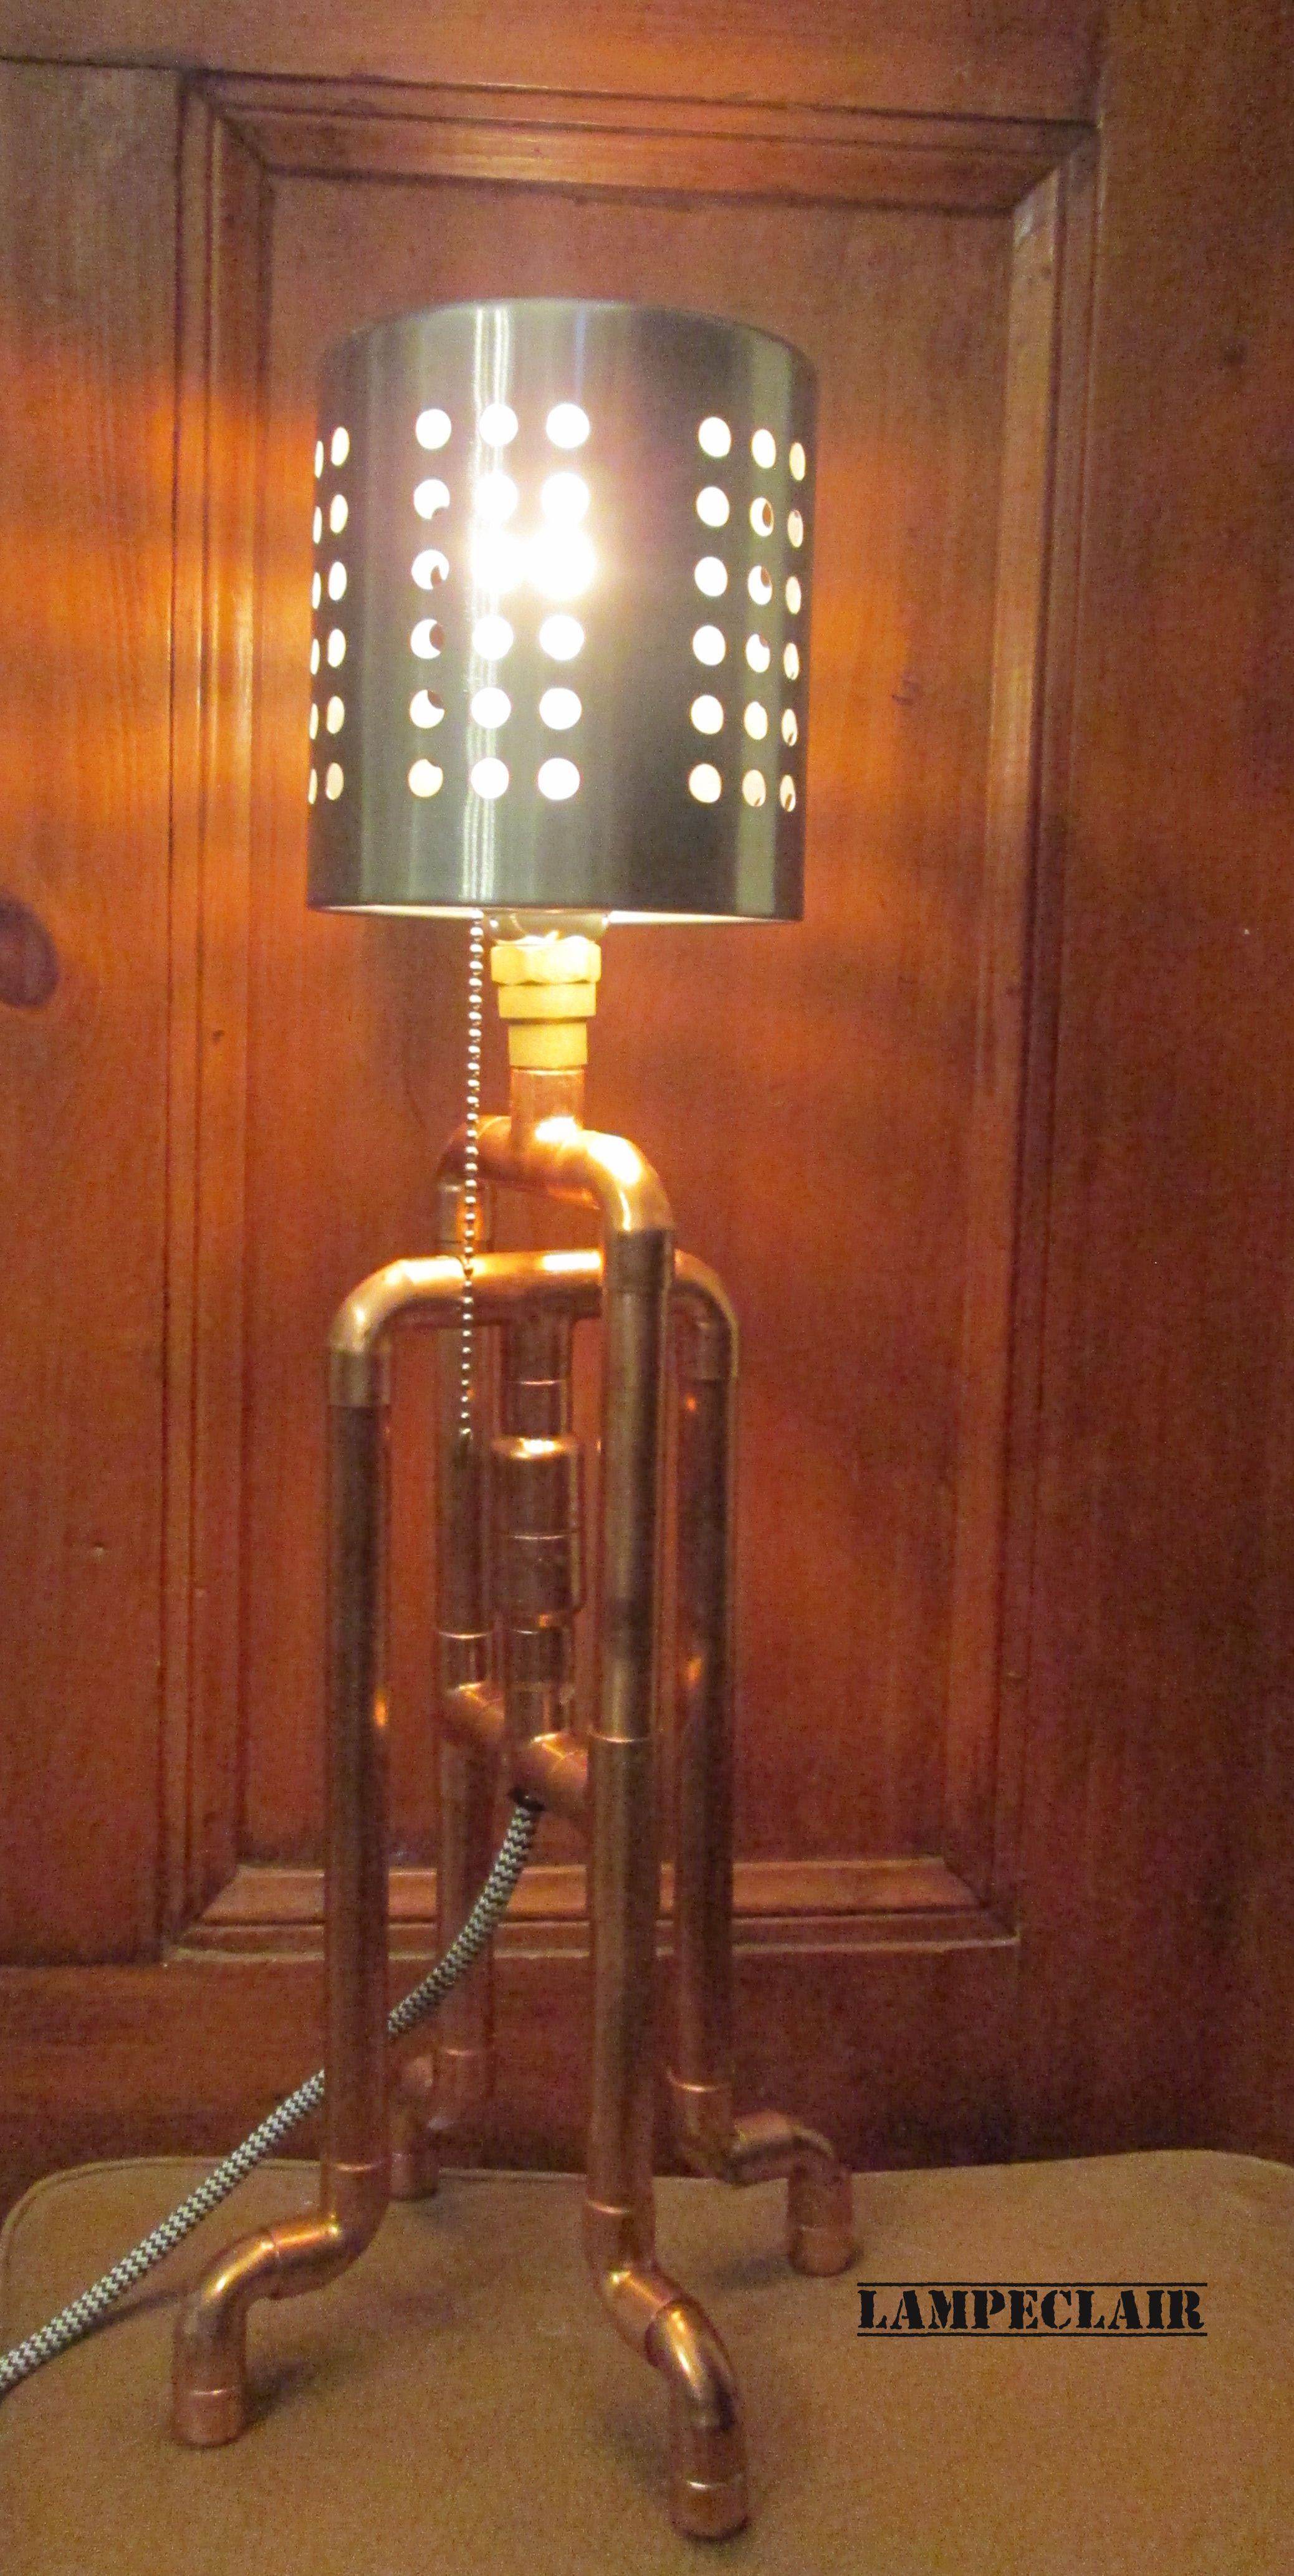 Lampe de table ou de bureau avec tuyaux de cuivre pi¨ces recyclées